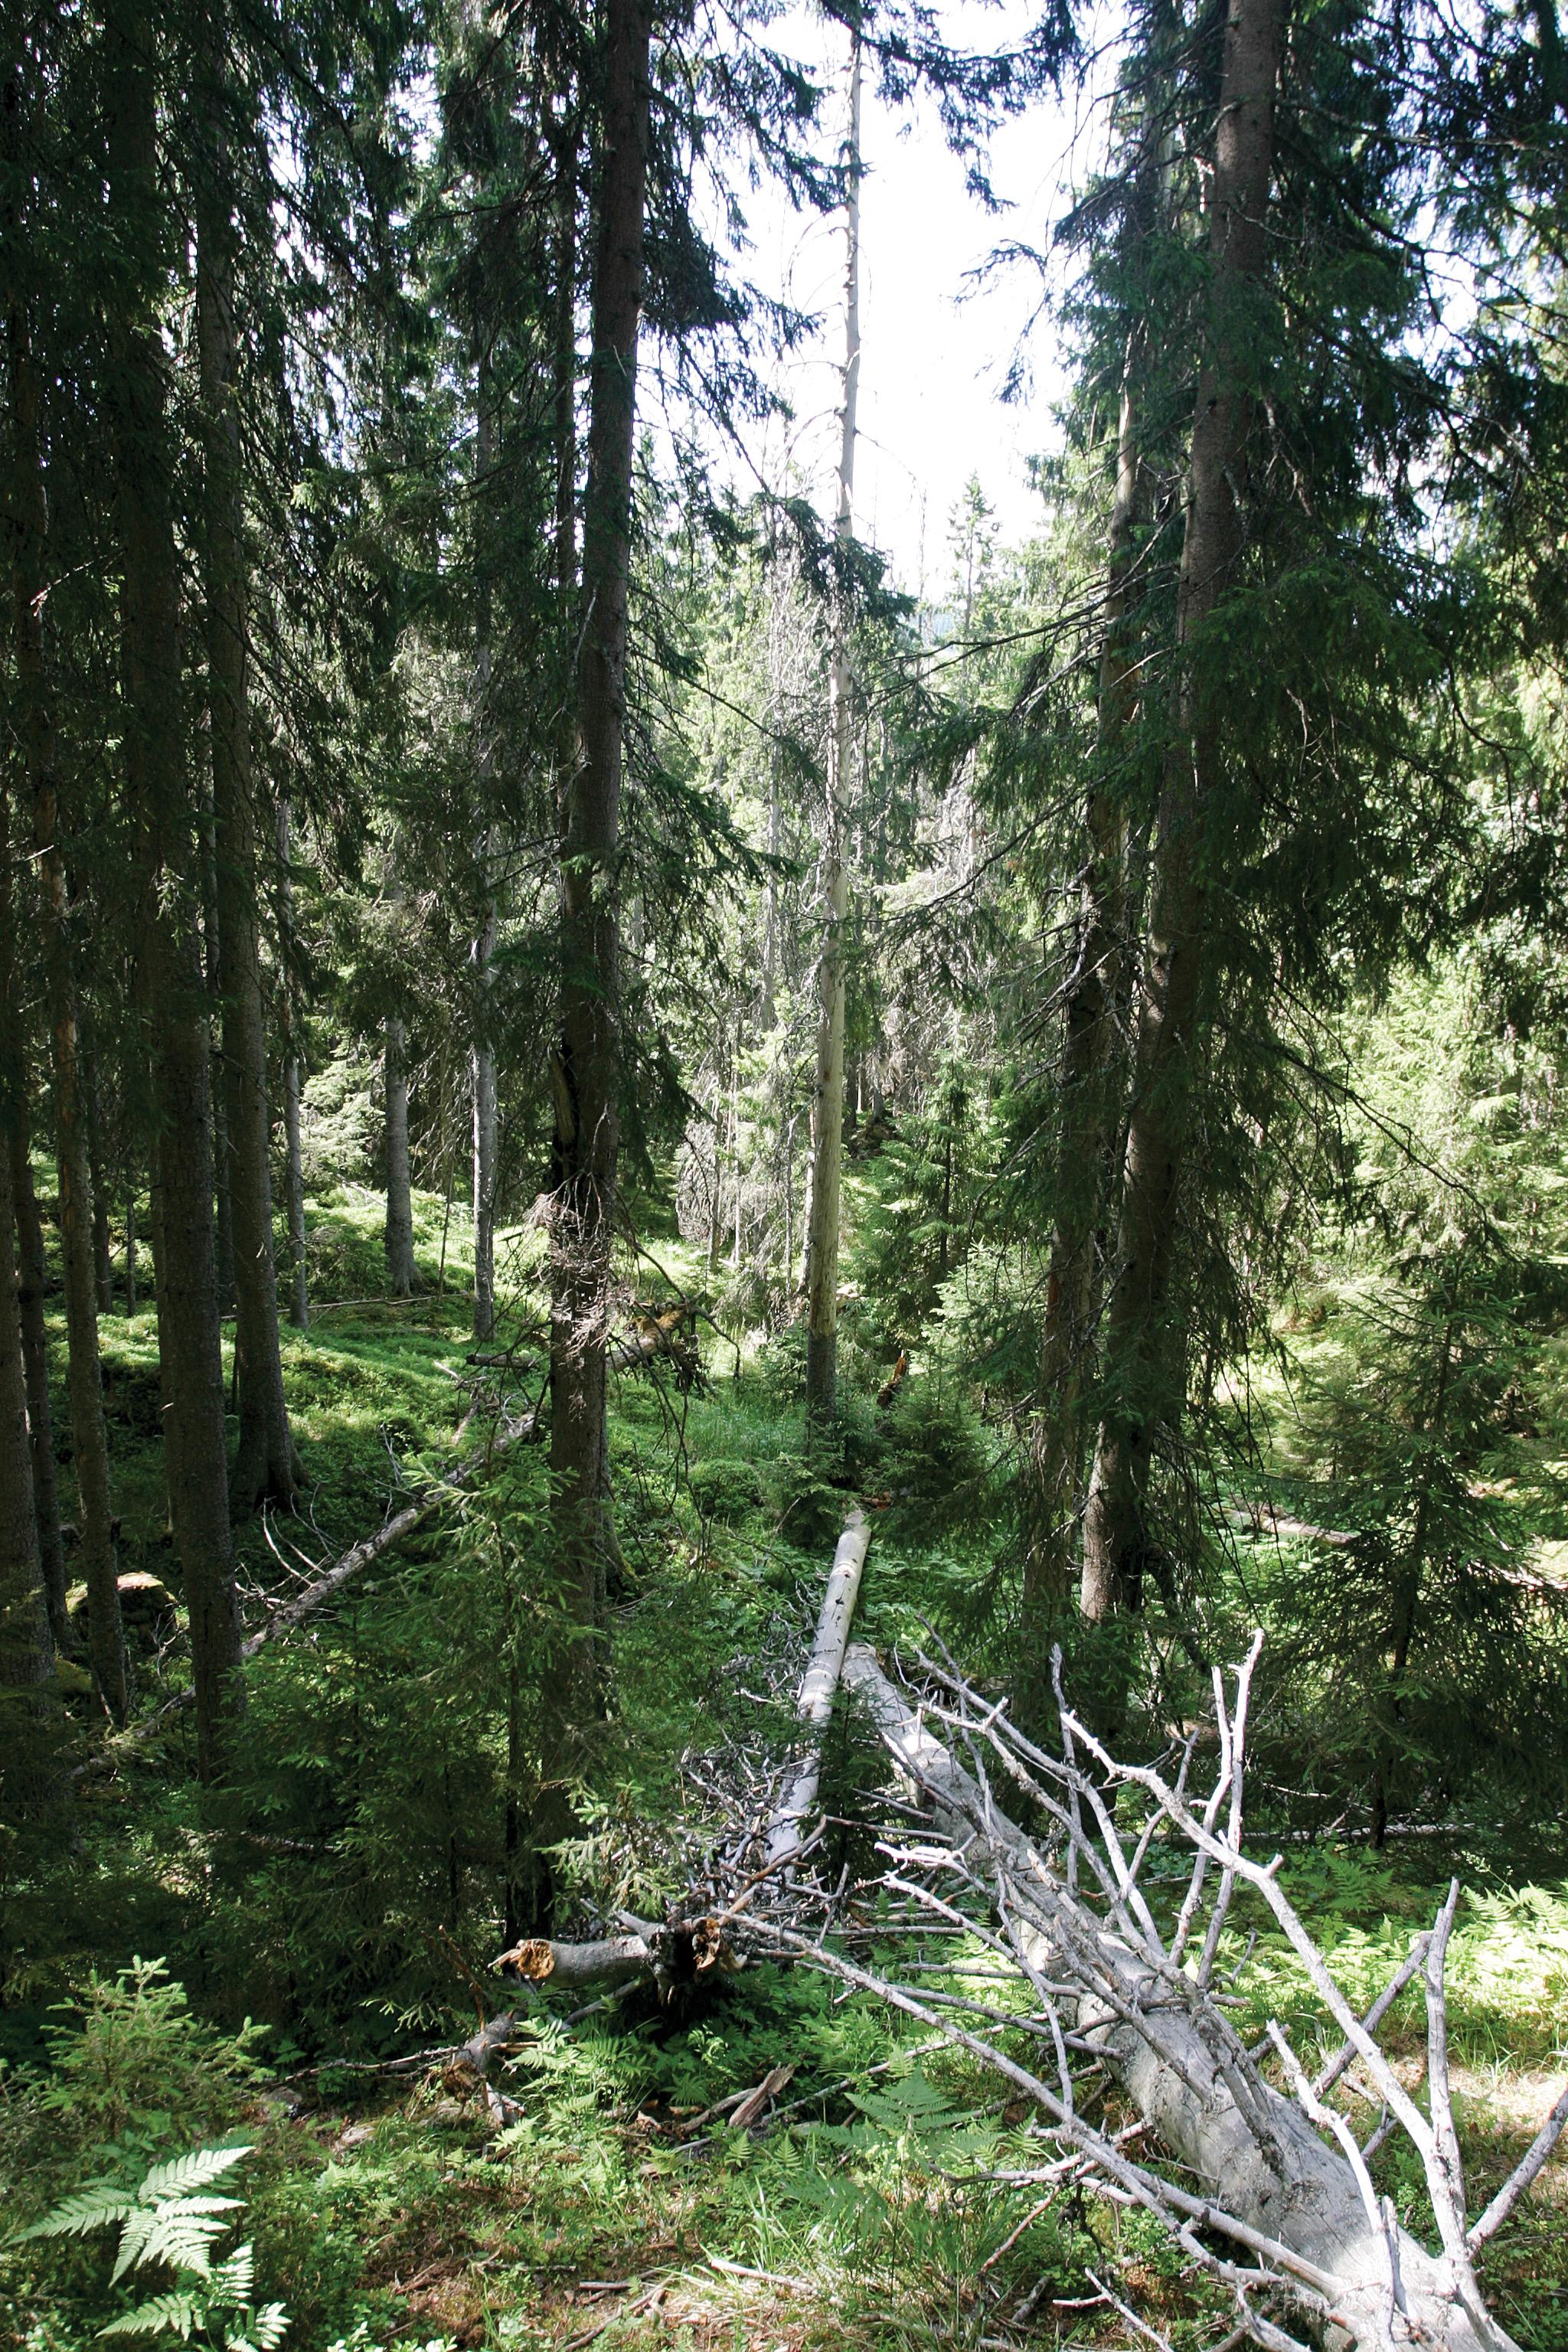 285 000 ha, eller 3,3 prosent av det produktive skogarealet omfattes av vern som naturreservat eller nasjonalpark. Bildet viser læger, liggende dødved i det som het Ormtjernkampen nasjonalpark, som i dag kjennes som Langsua nasjonalpark. Foto: John Yngvar Larsson, NIBIO